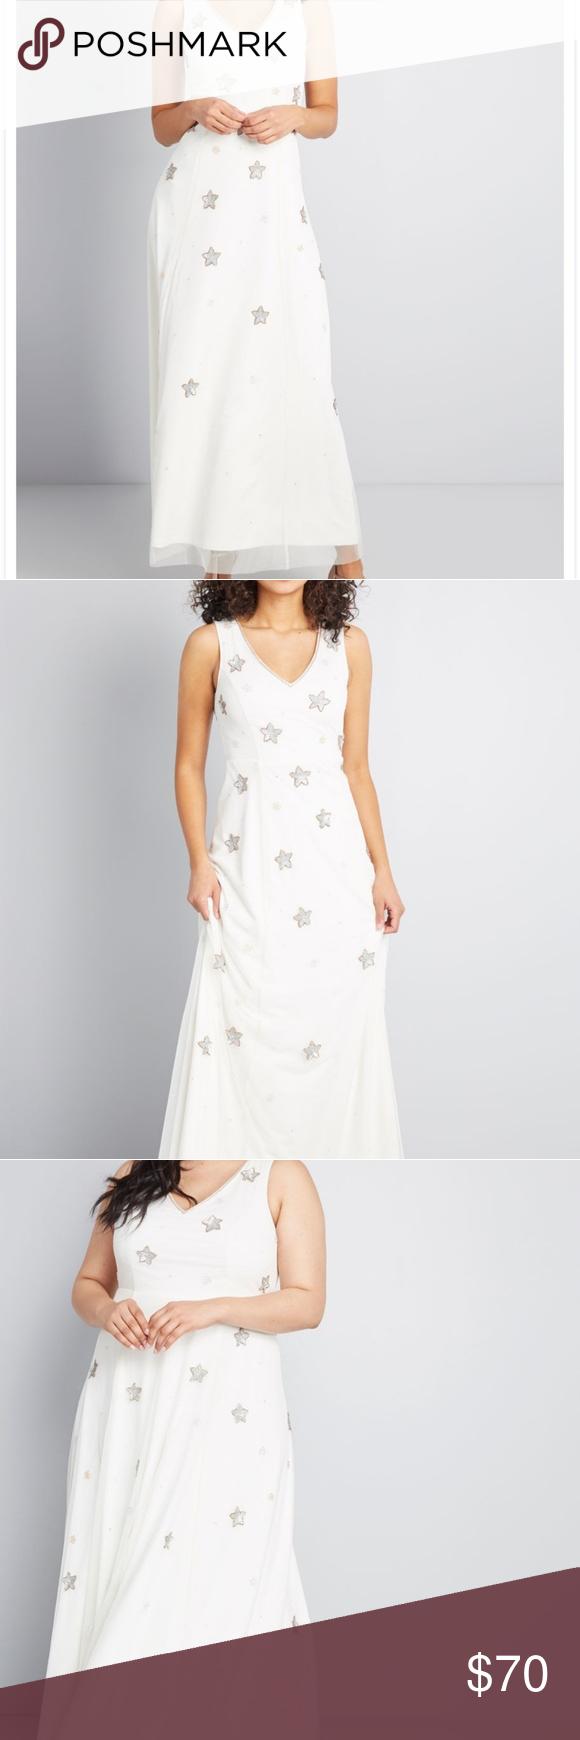 Nwt Modcloth Under The Stars Maxi Dress 4x Mod Cloth Dresses Maxi Dress Clothes Design [ 1740 x 580 Pixel ]